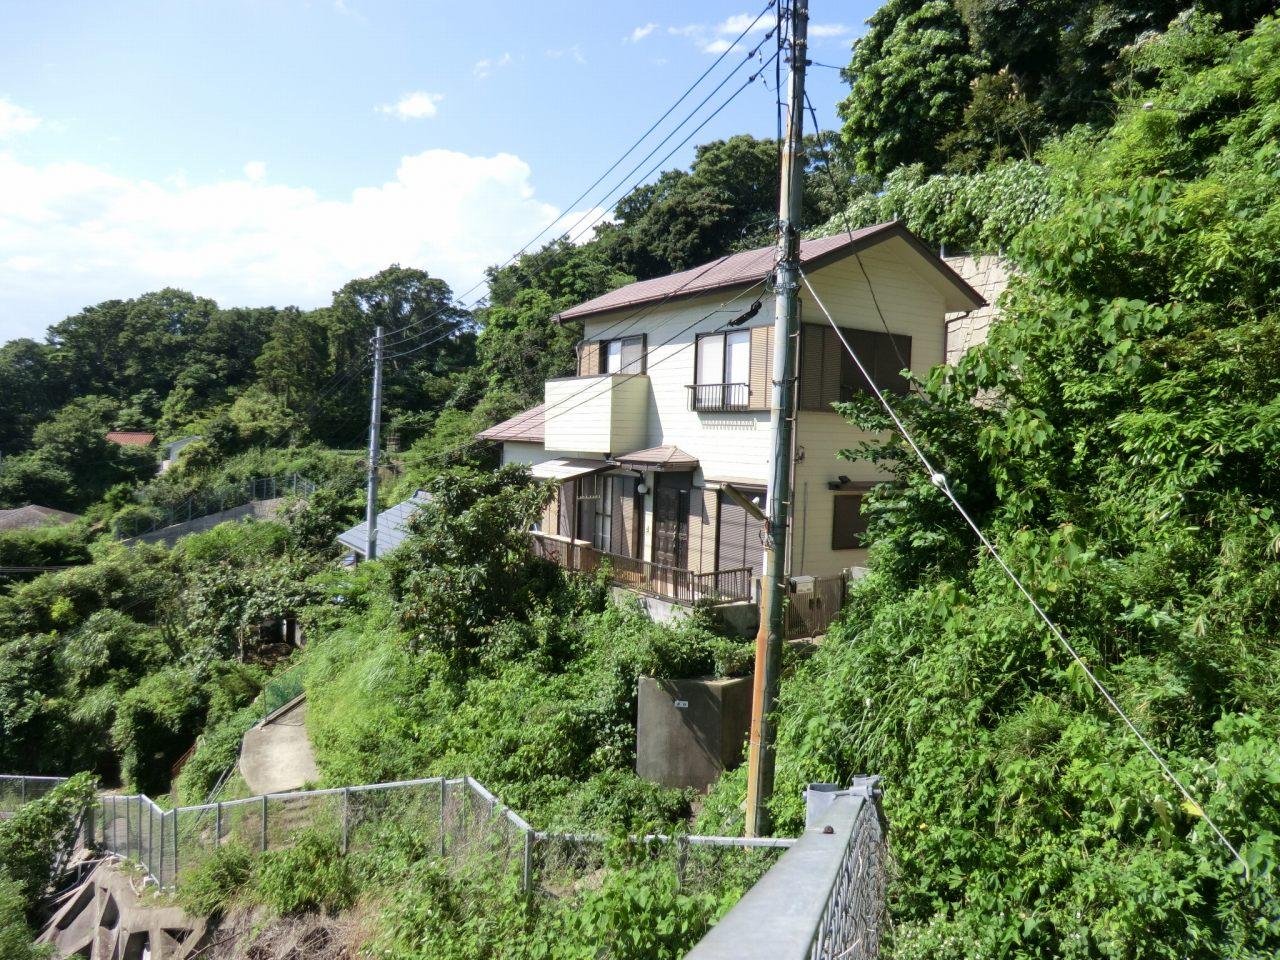 追浜 谷戸・空き家プロジェクトが始動 ――横須賀・谷戸地域の住宅リノベーションに関東学院大学の学生が挑戦。シェアハウスとして活用するとともに、地元NPO団体など共同で地域の活性化にも取り組む